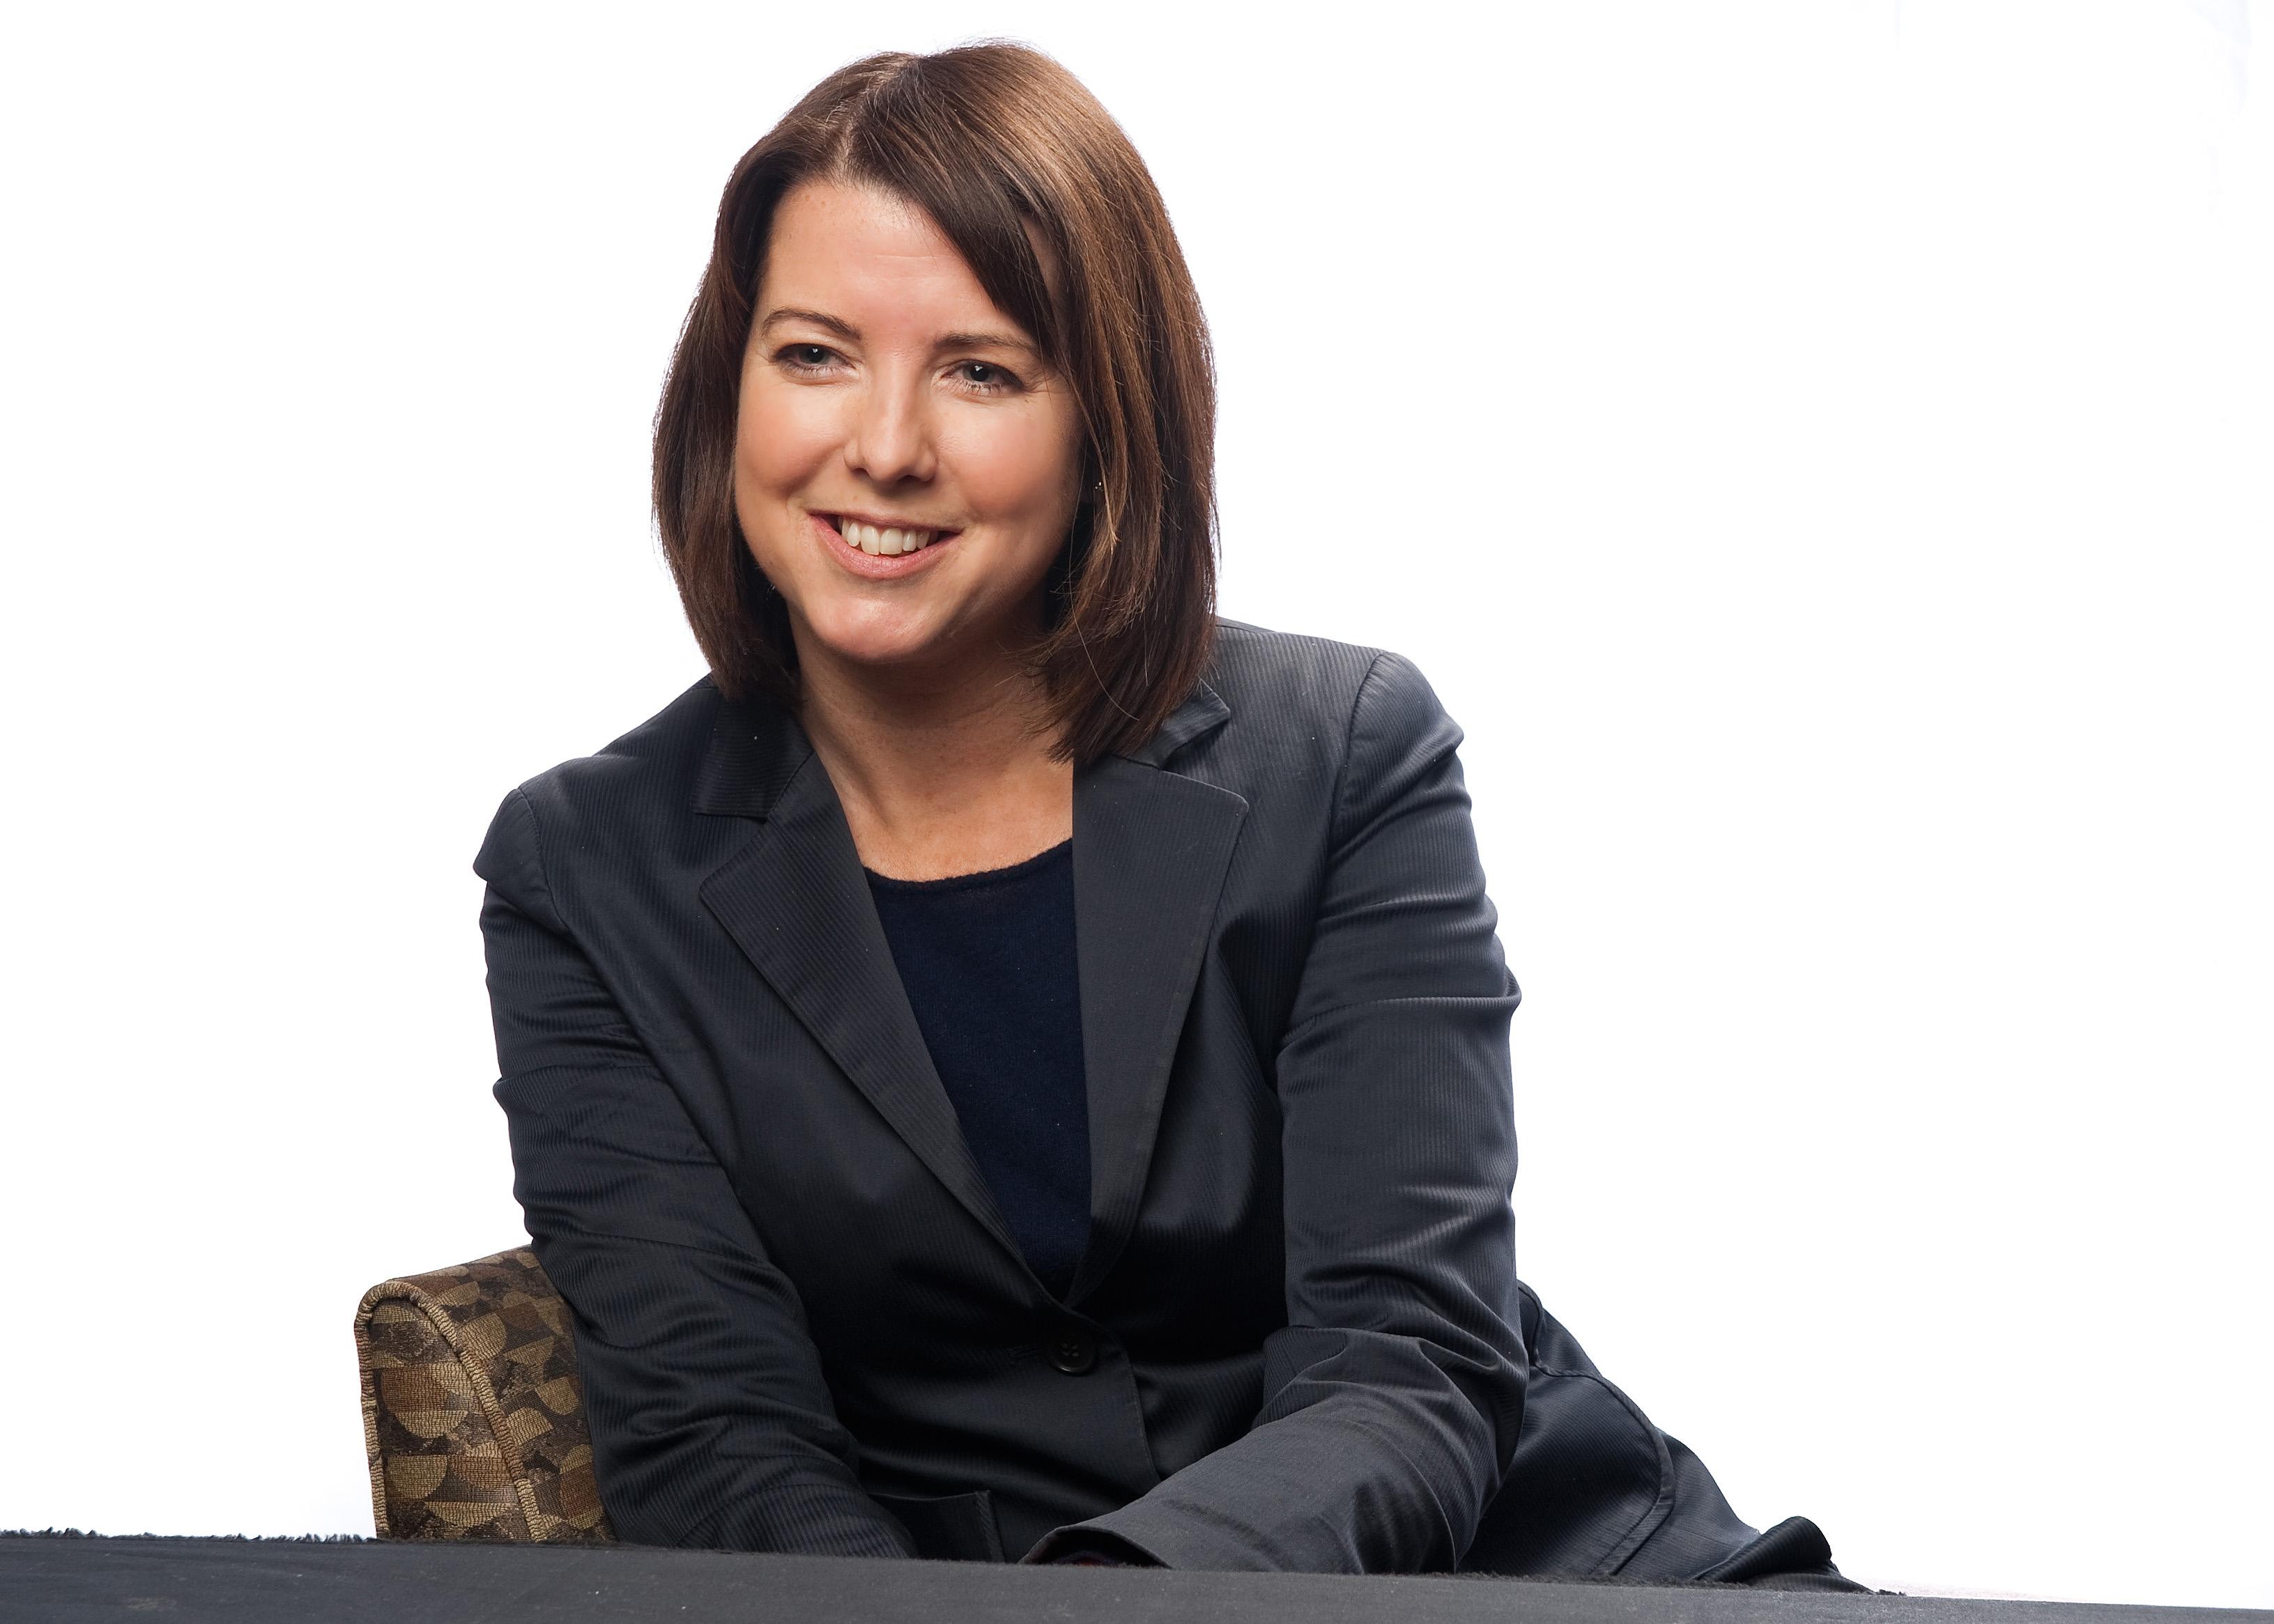 Pam Murphy, Infor